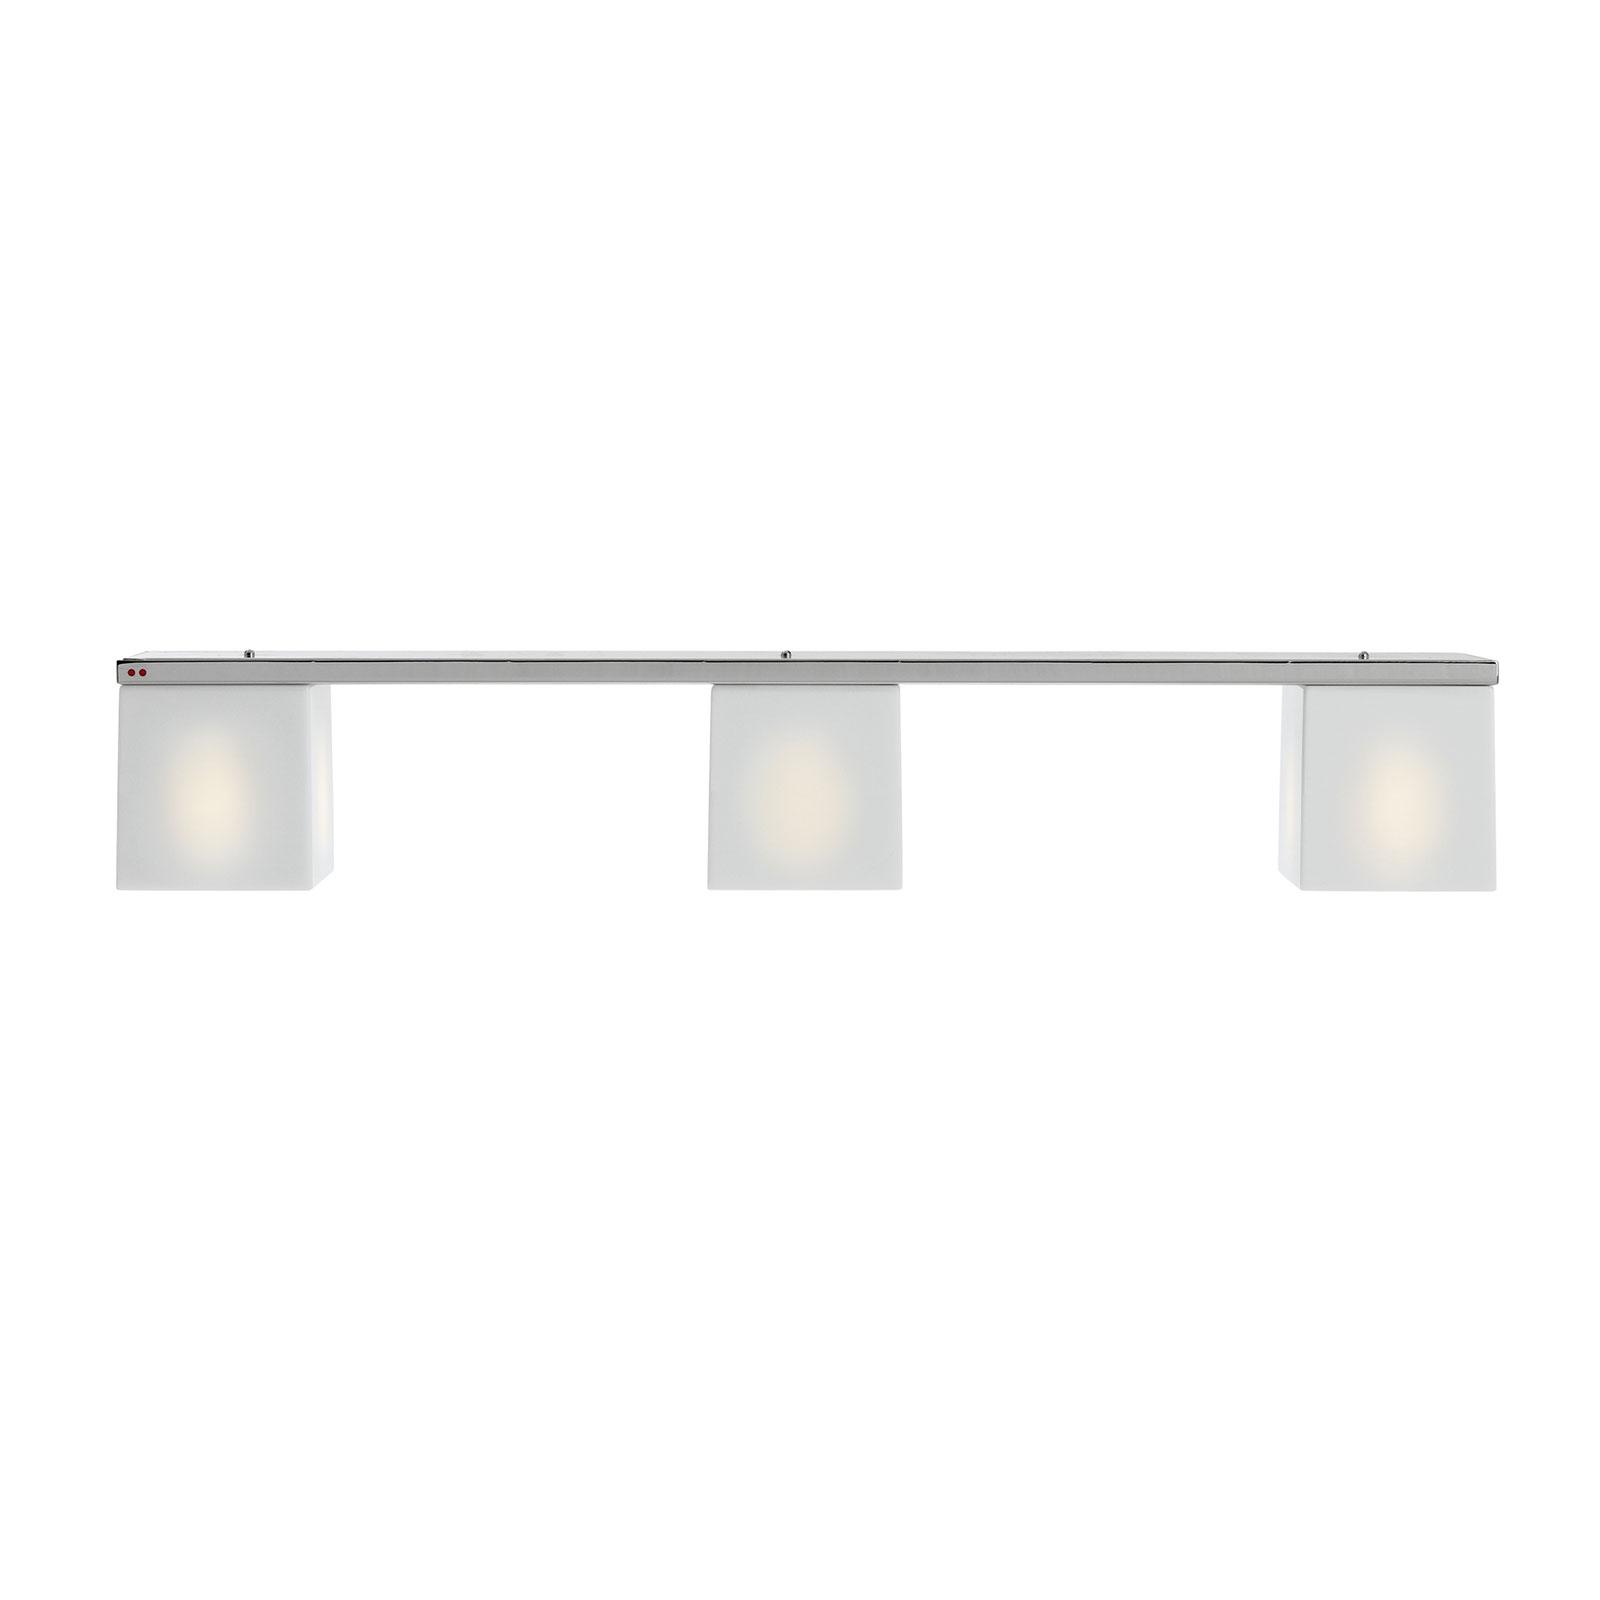 Fabbian Cubetto lampa sufitowa 3-pkt. GU10 biała